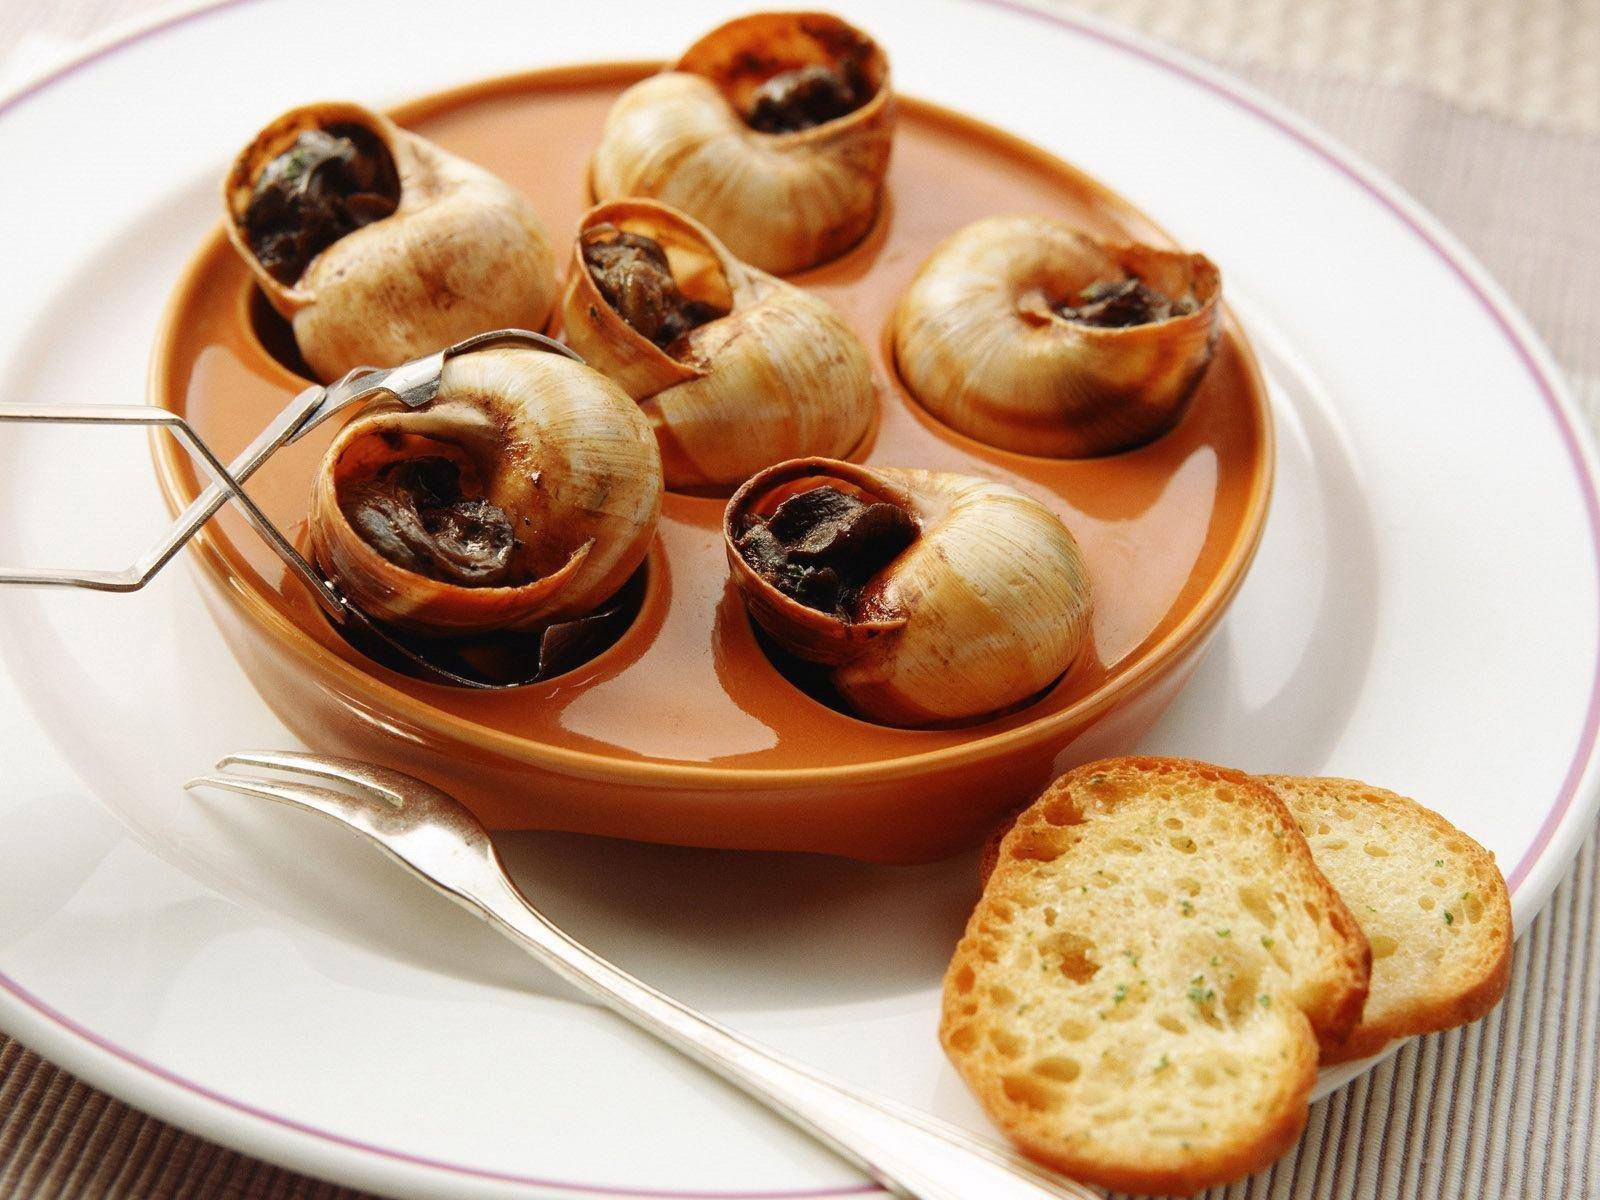 деликатес с виноградной улитки